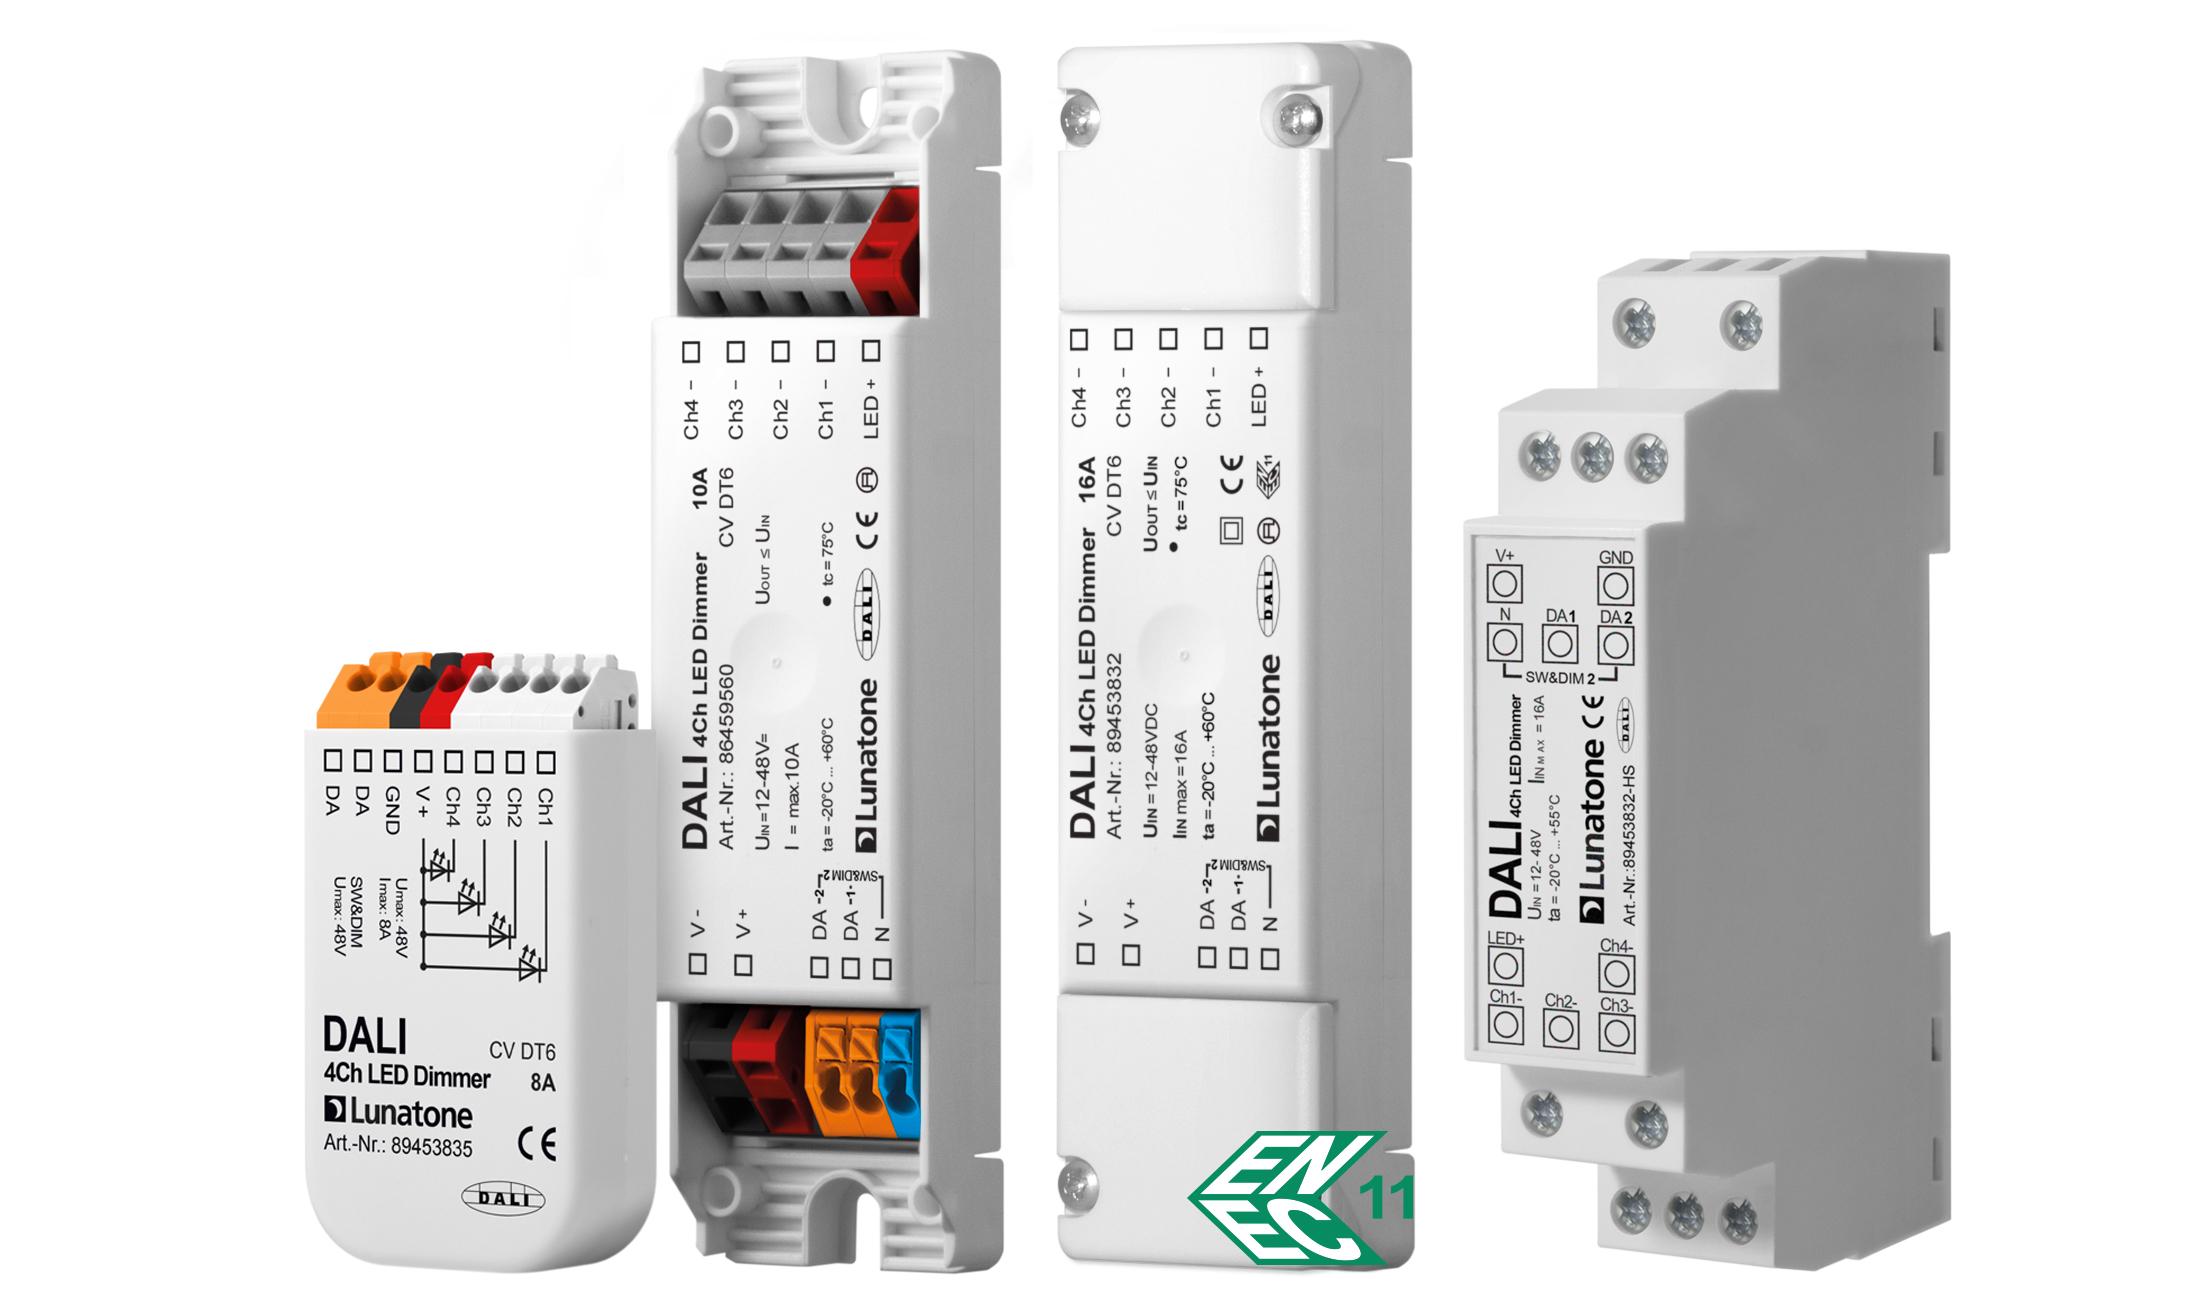 806b7551736 DALI 4Ch LED-Dimmer CV - Lunatone